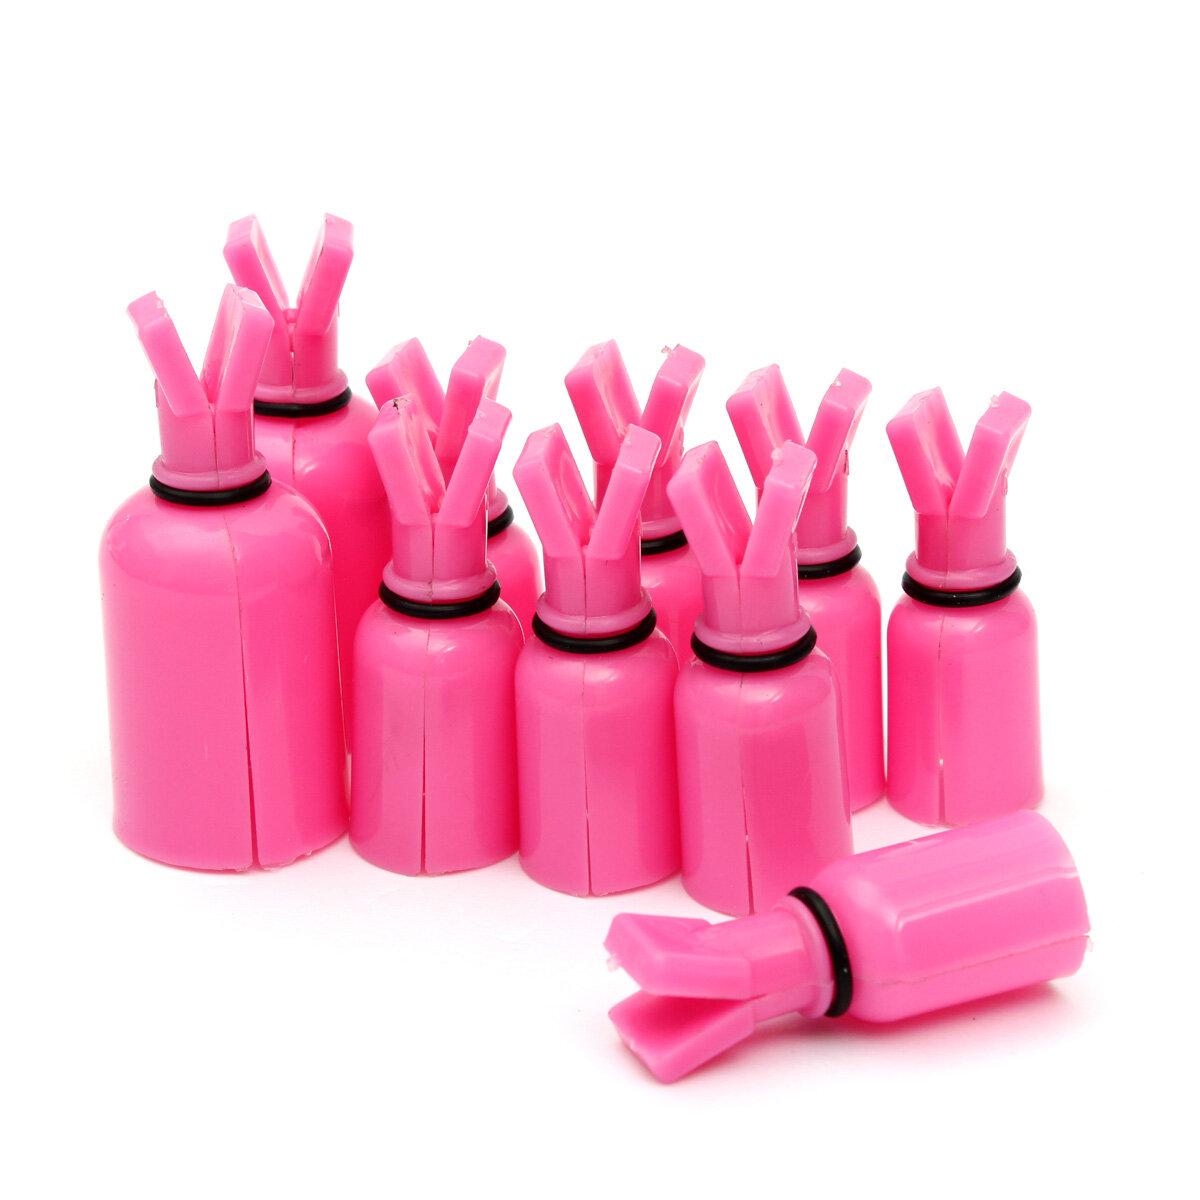 10Pcs Plastic Soak Off UV Gel Polish Remover Wrap Cap  Nail Cotton Clip Tool